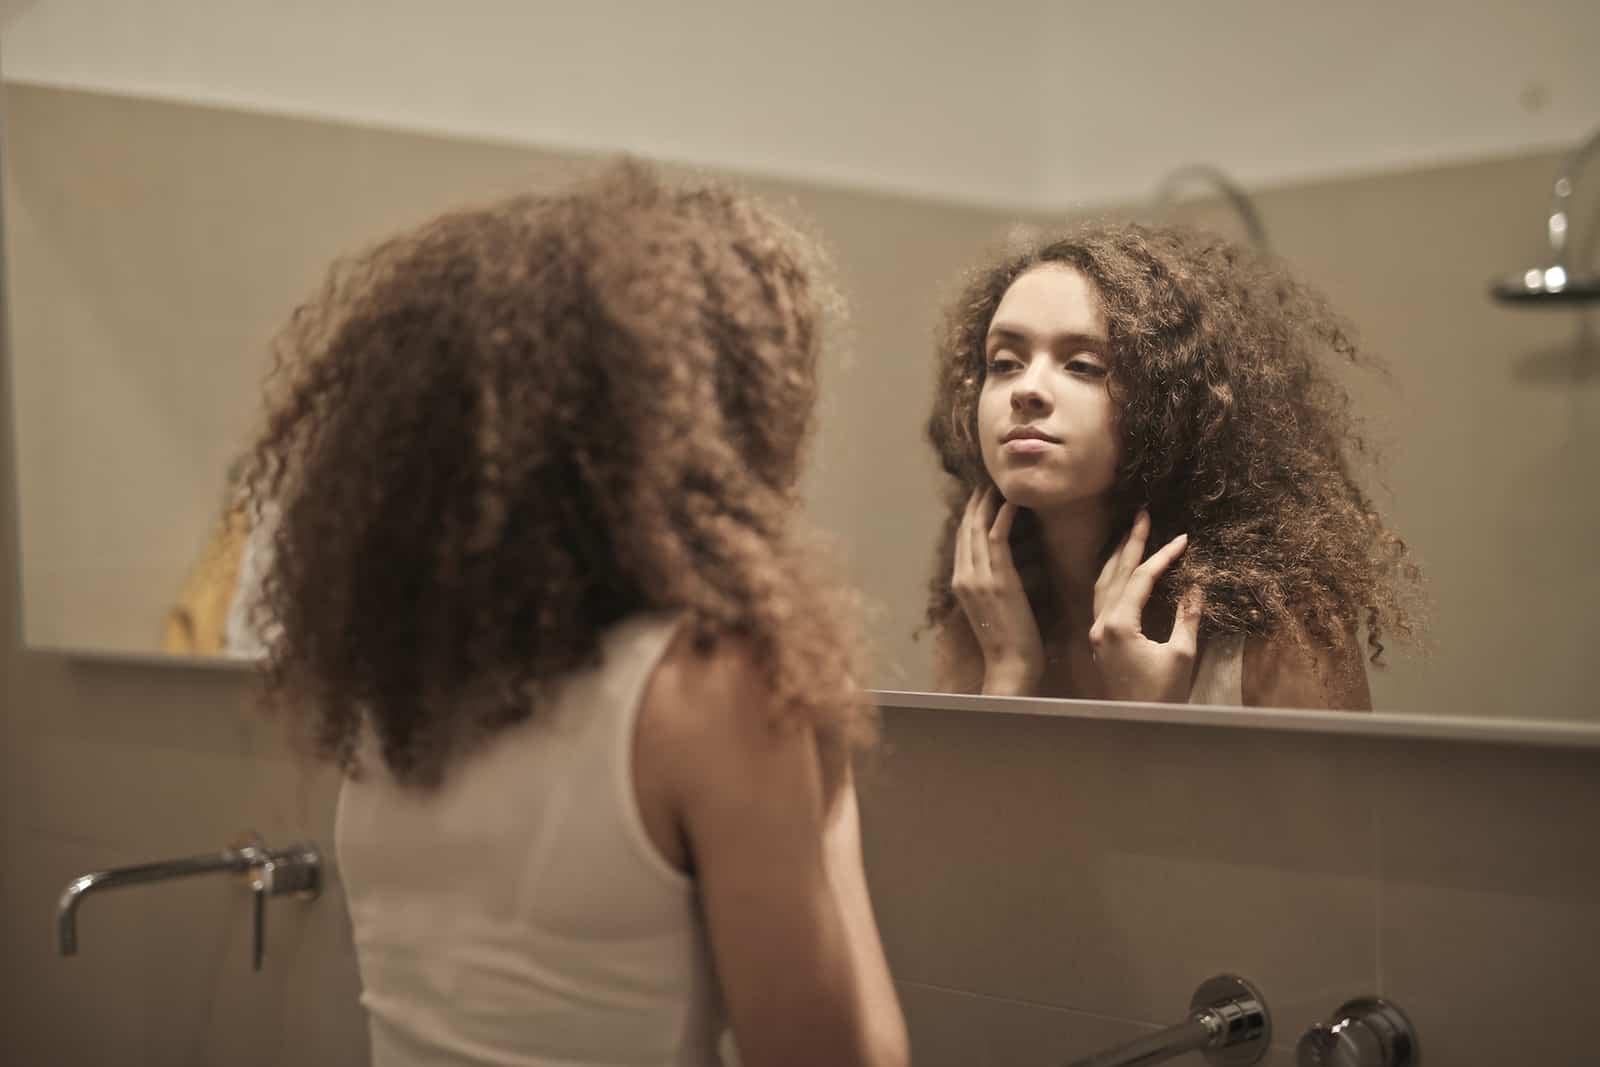 eine Frau, die sich beim Nachdenken in den Spiegel schaut